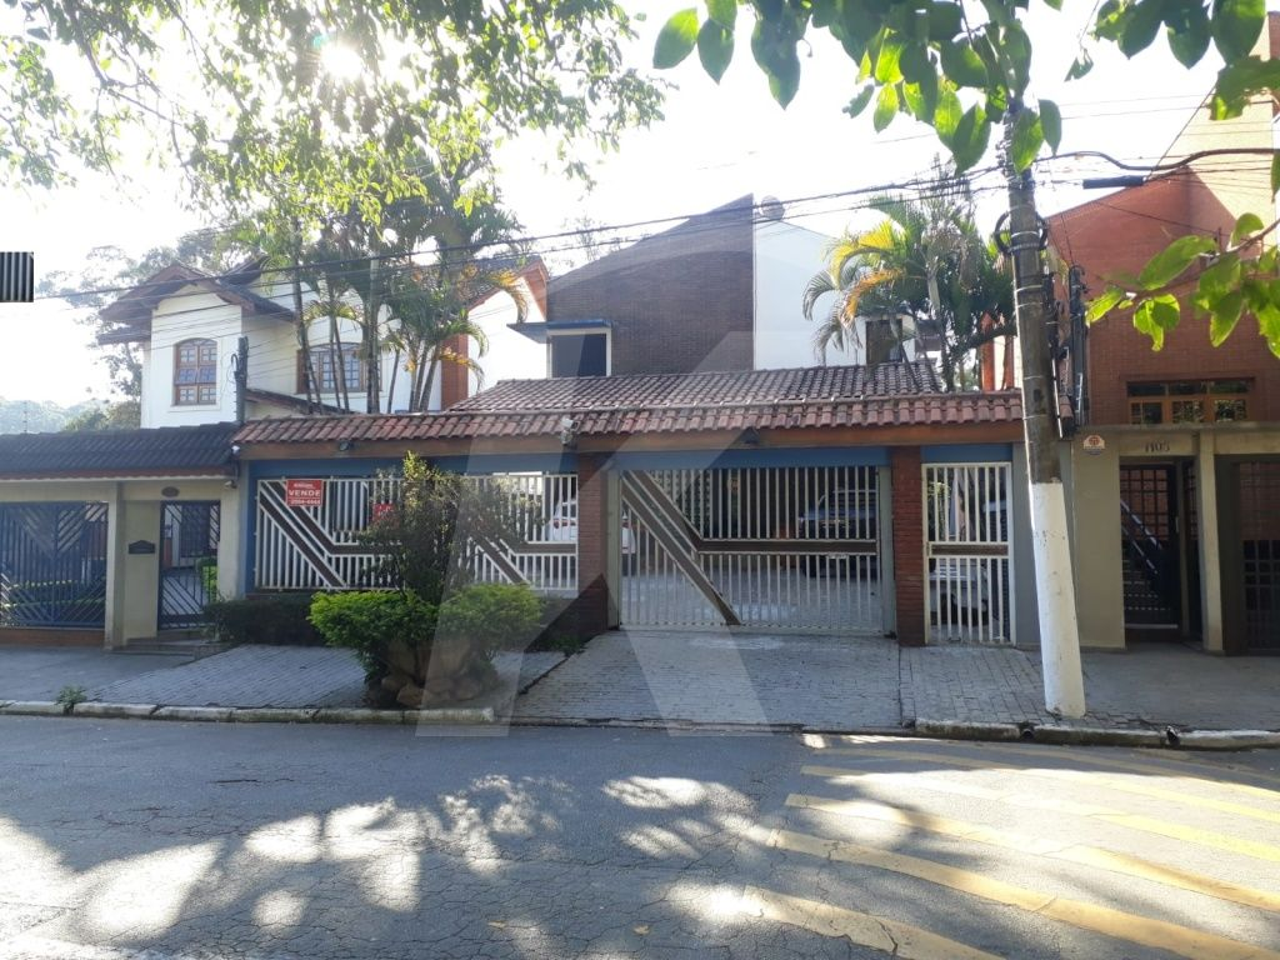 Sobrado Barro Branco (Zona Norte) - 5 Dormitório(s) - São Paulo - SP - REF. KA13955